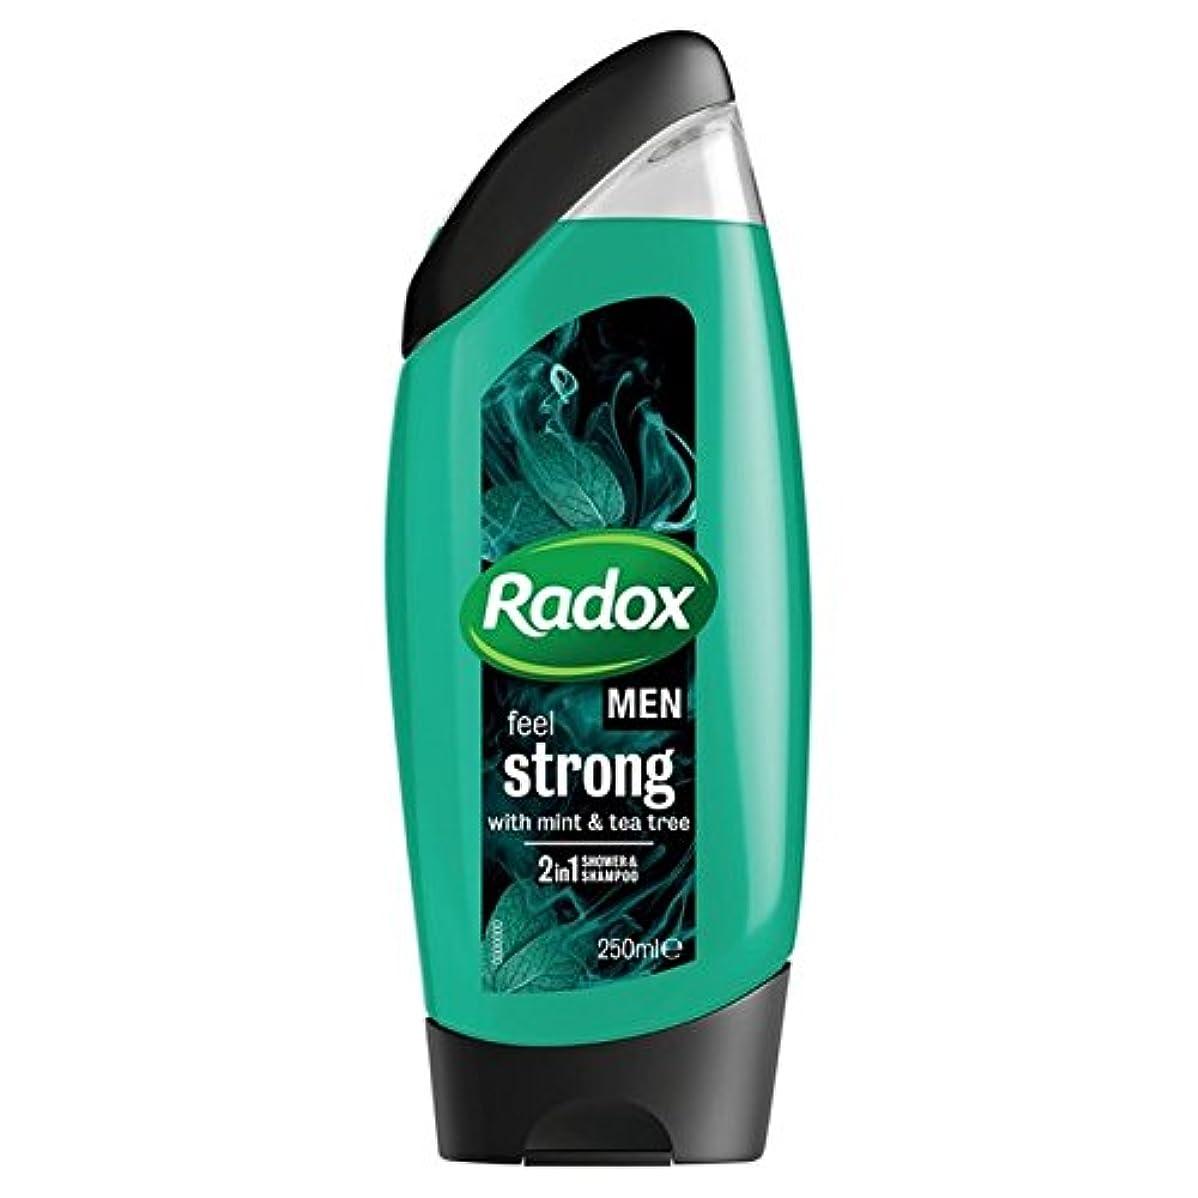 コンクリート線形デンマーク男性は、強力なミント&ティーツリーの21のシャワージェル250ミリリットルを感じます x4 - Radox Men Feel Strong Mint & Tea Tree 2in1 Shower Gel 250ml (Pack of 4) [並行輸入品]